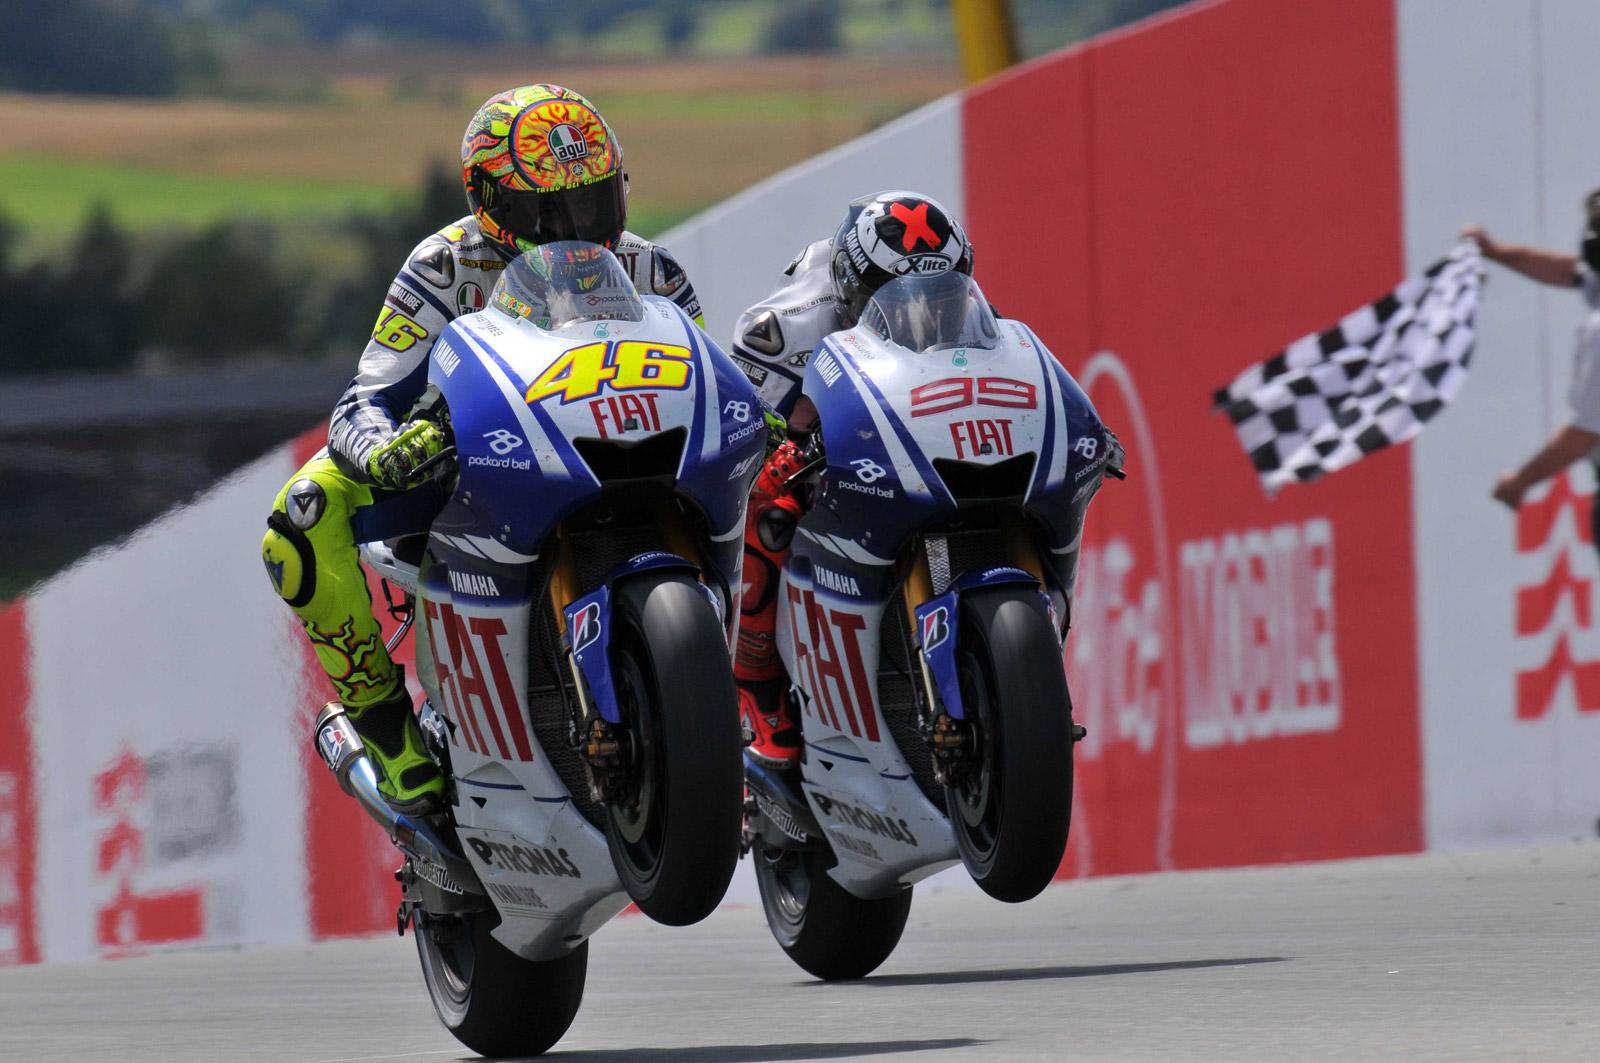 Rossi e Lorenzo modificano le loro moto